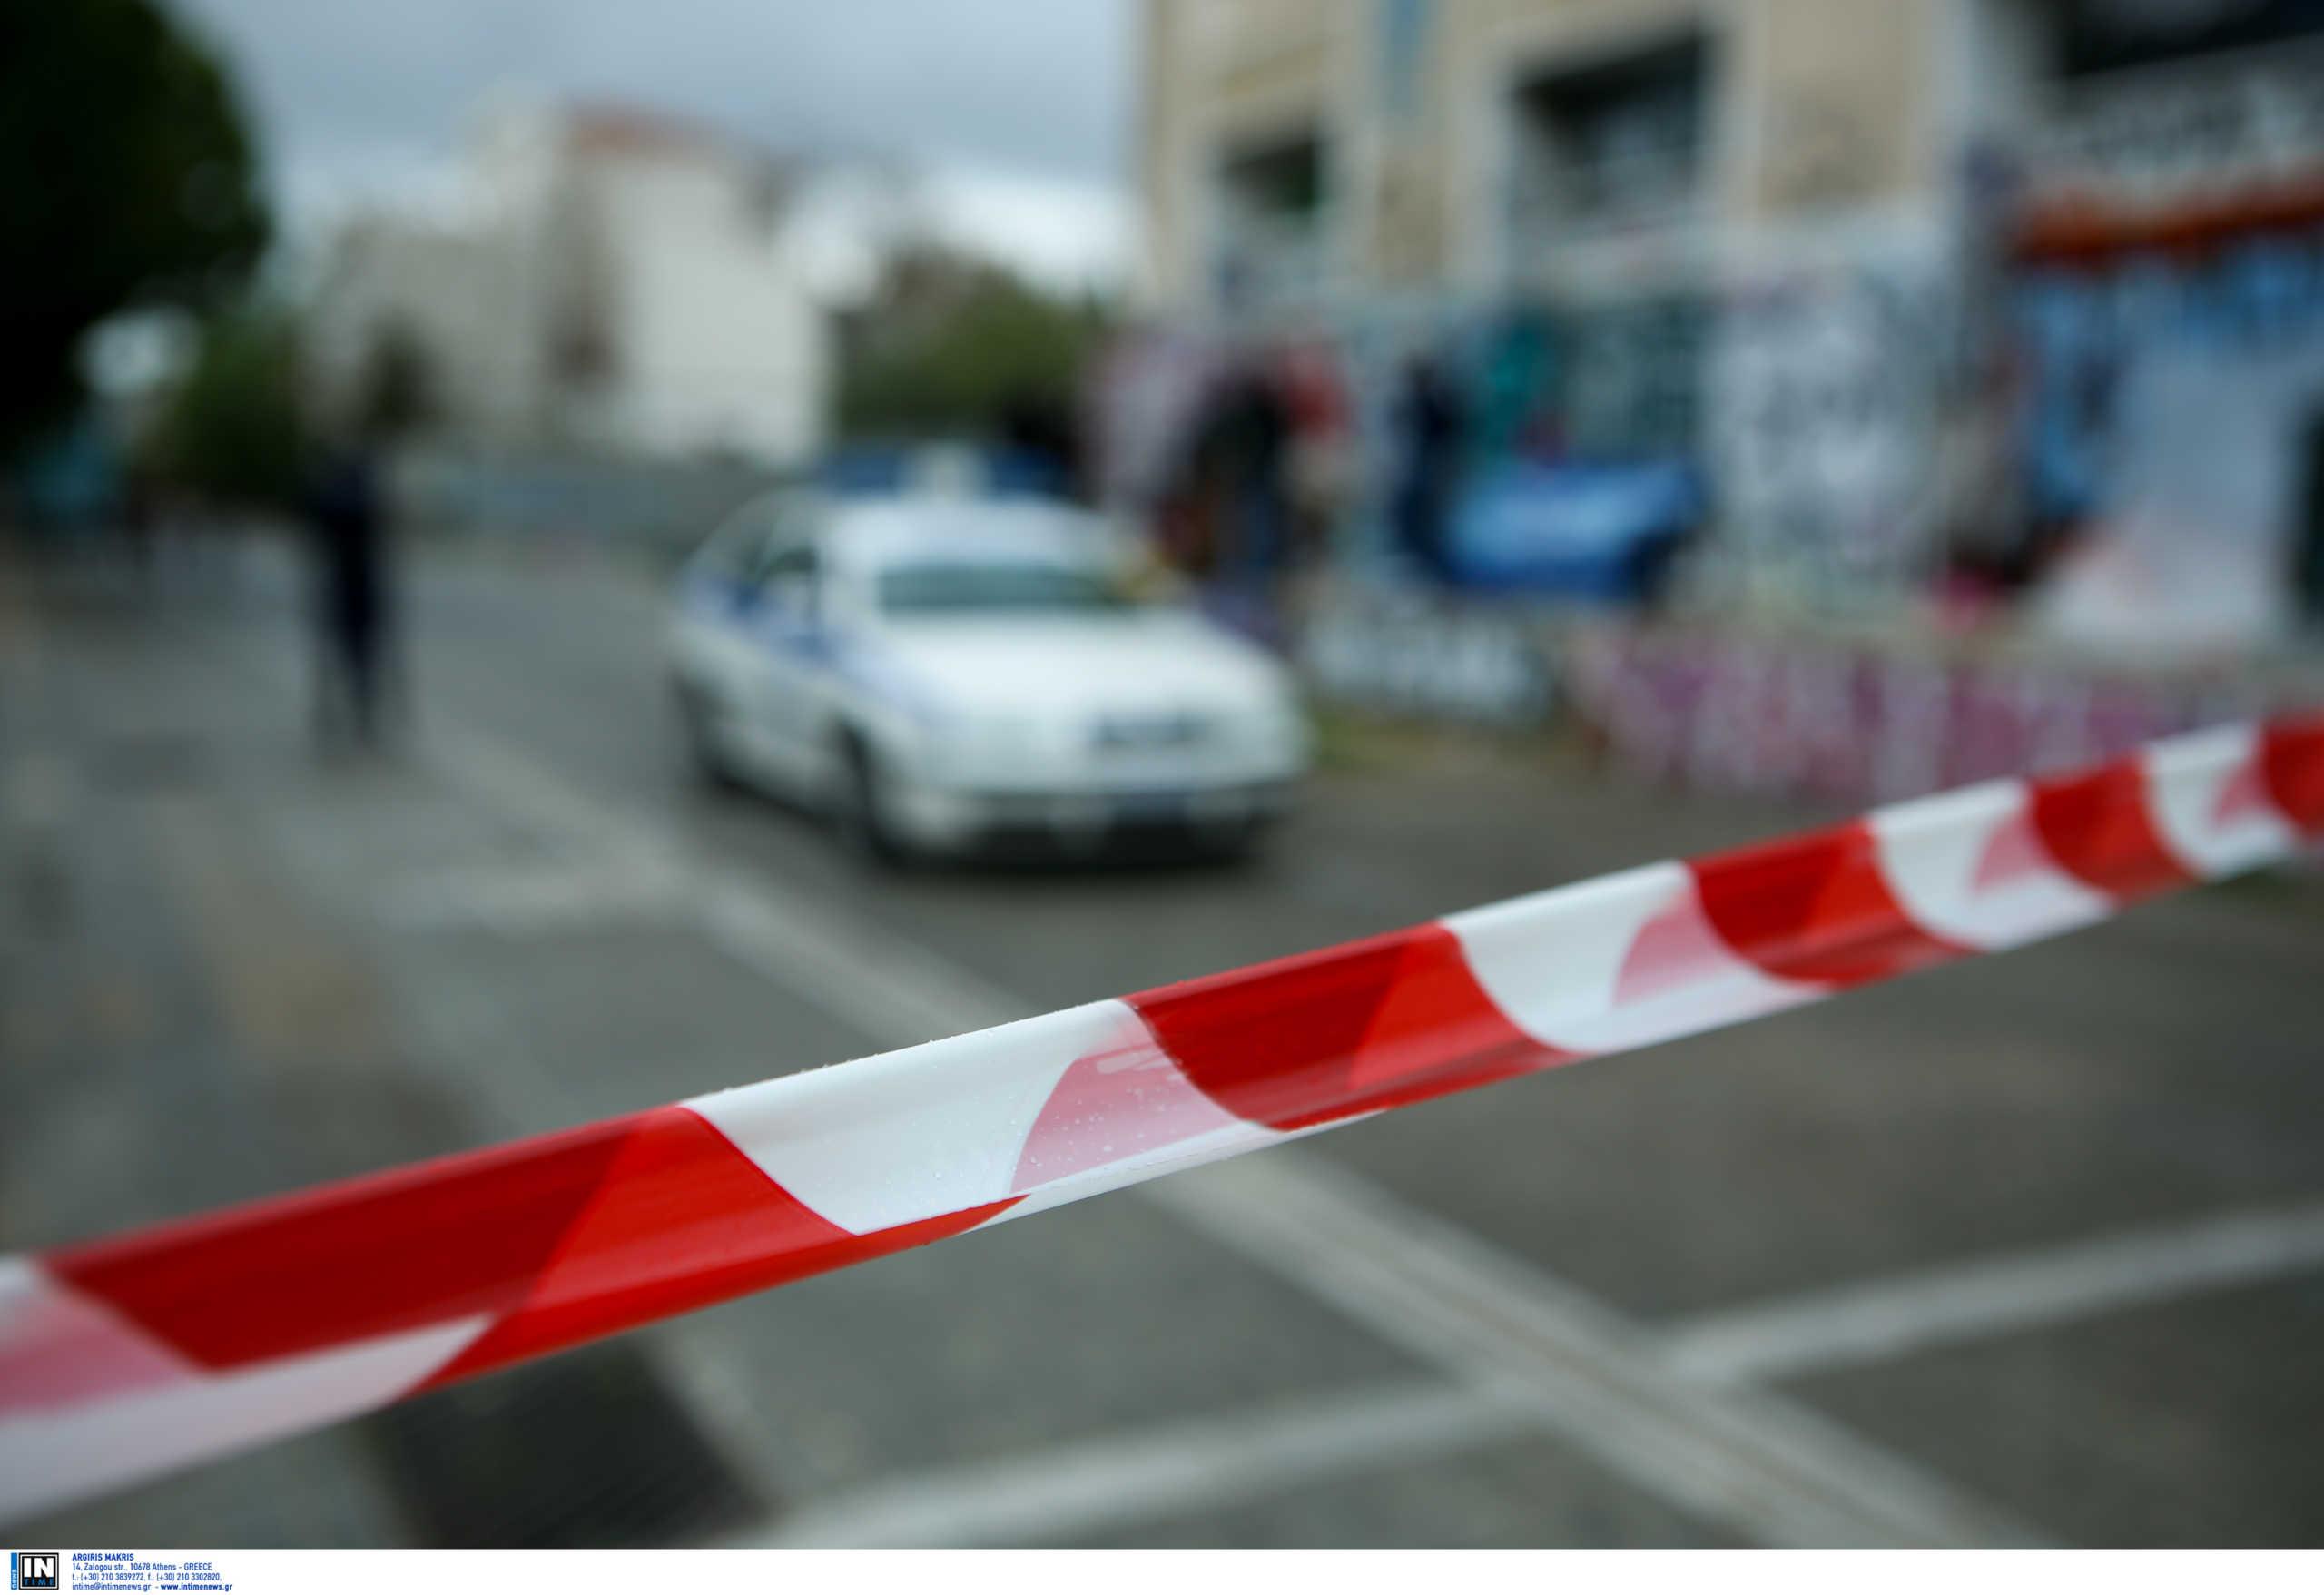 Θεσσαλονίκη: Σκότωσε τον πρώην πεθερό της με τηγάνι! Λύνεται το μυστήριο της άγριας δολοφονίας